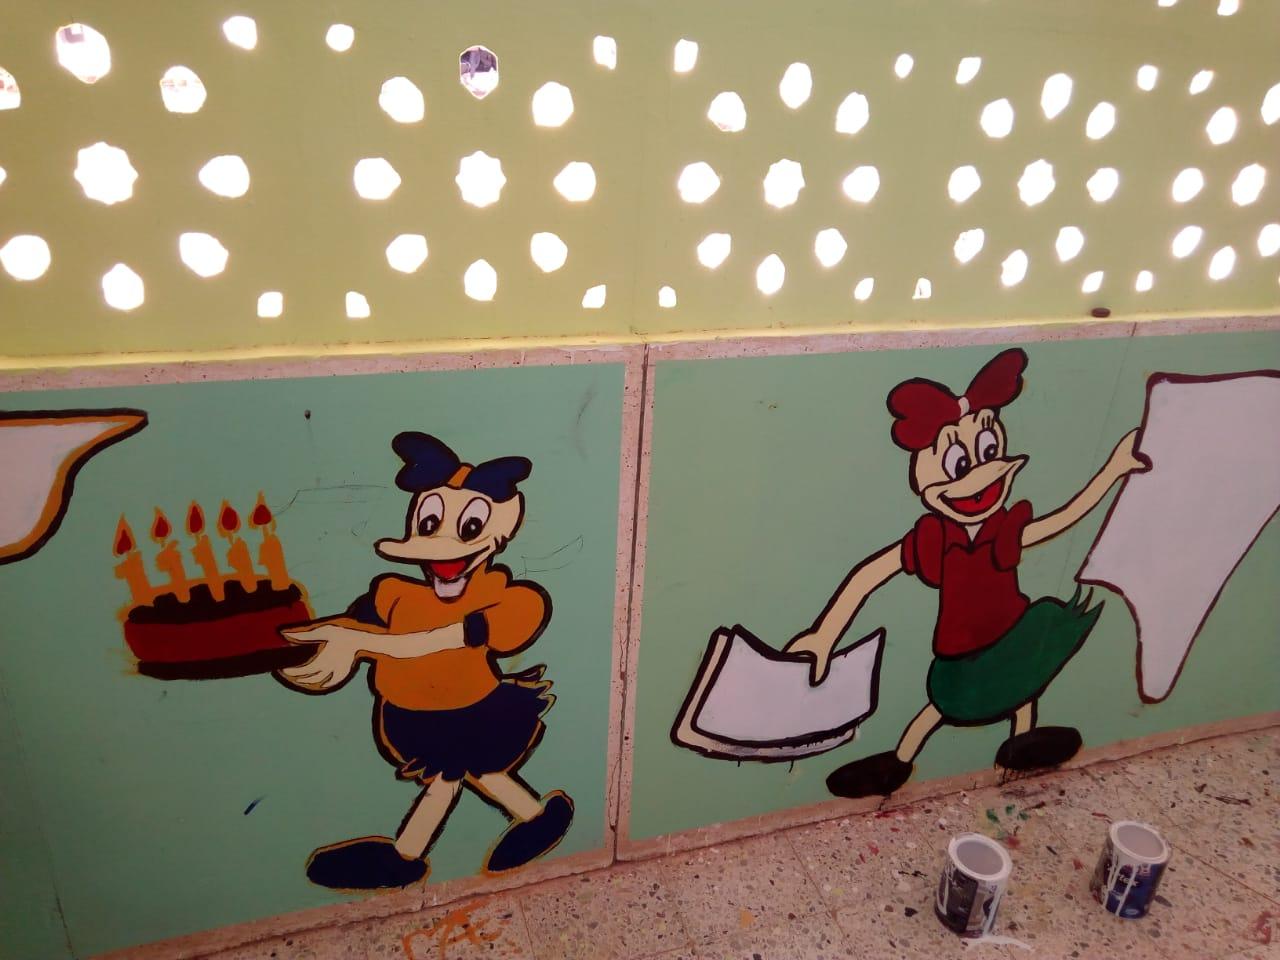 طالبات مدرسة موط الفنية ينفذن مبادرة تجميل أسوار المدارس بلوحات جدارية (5)